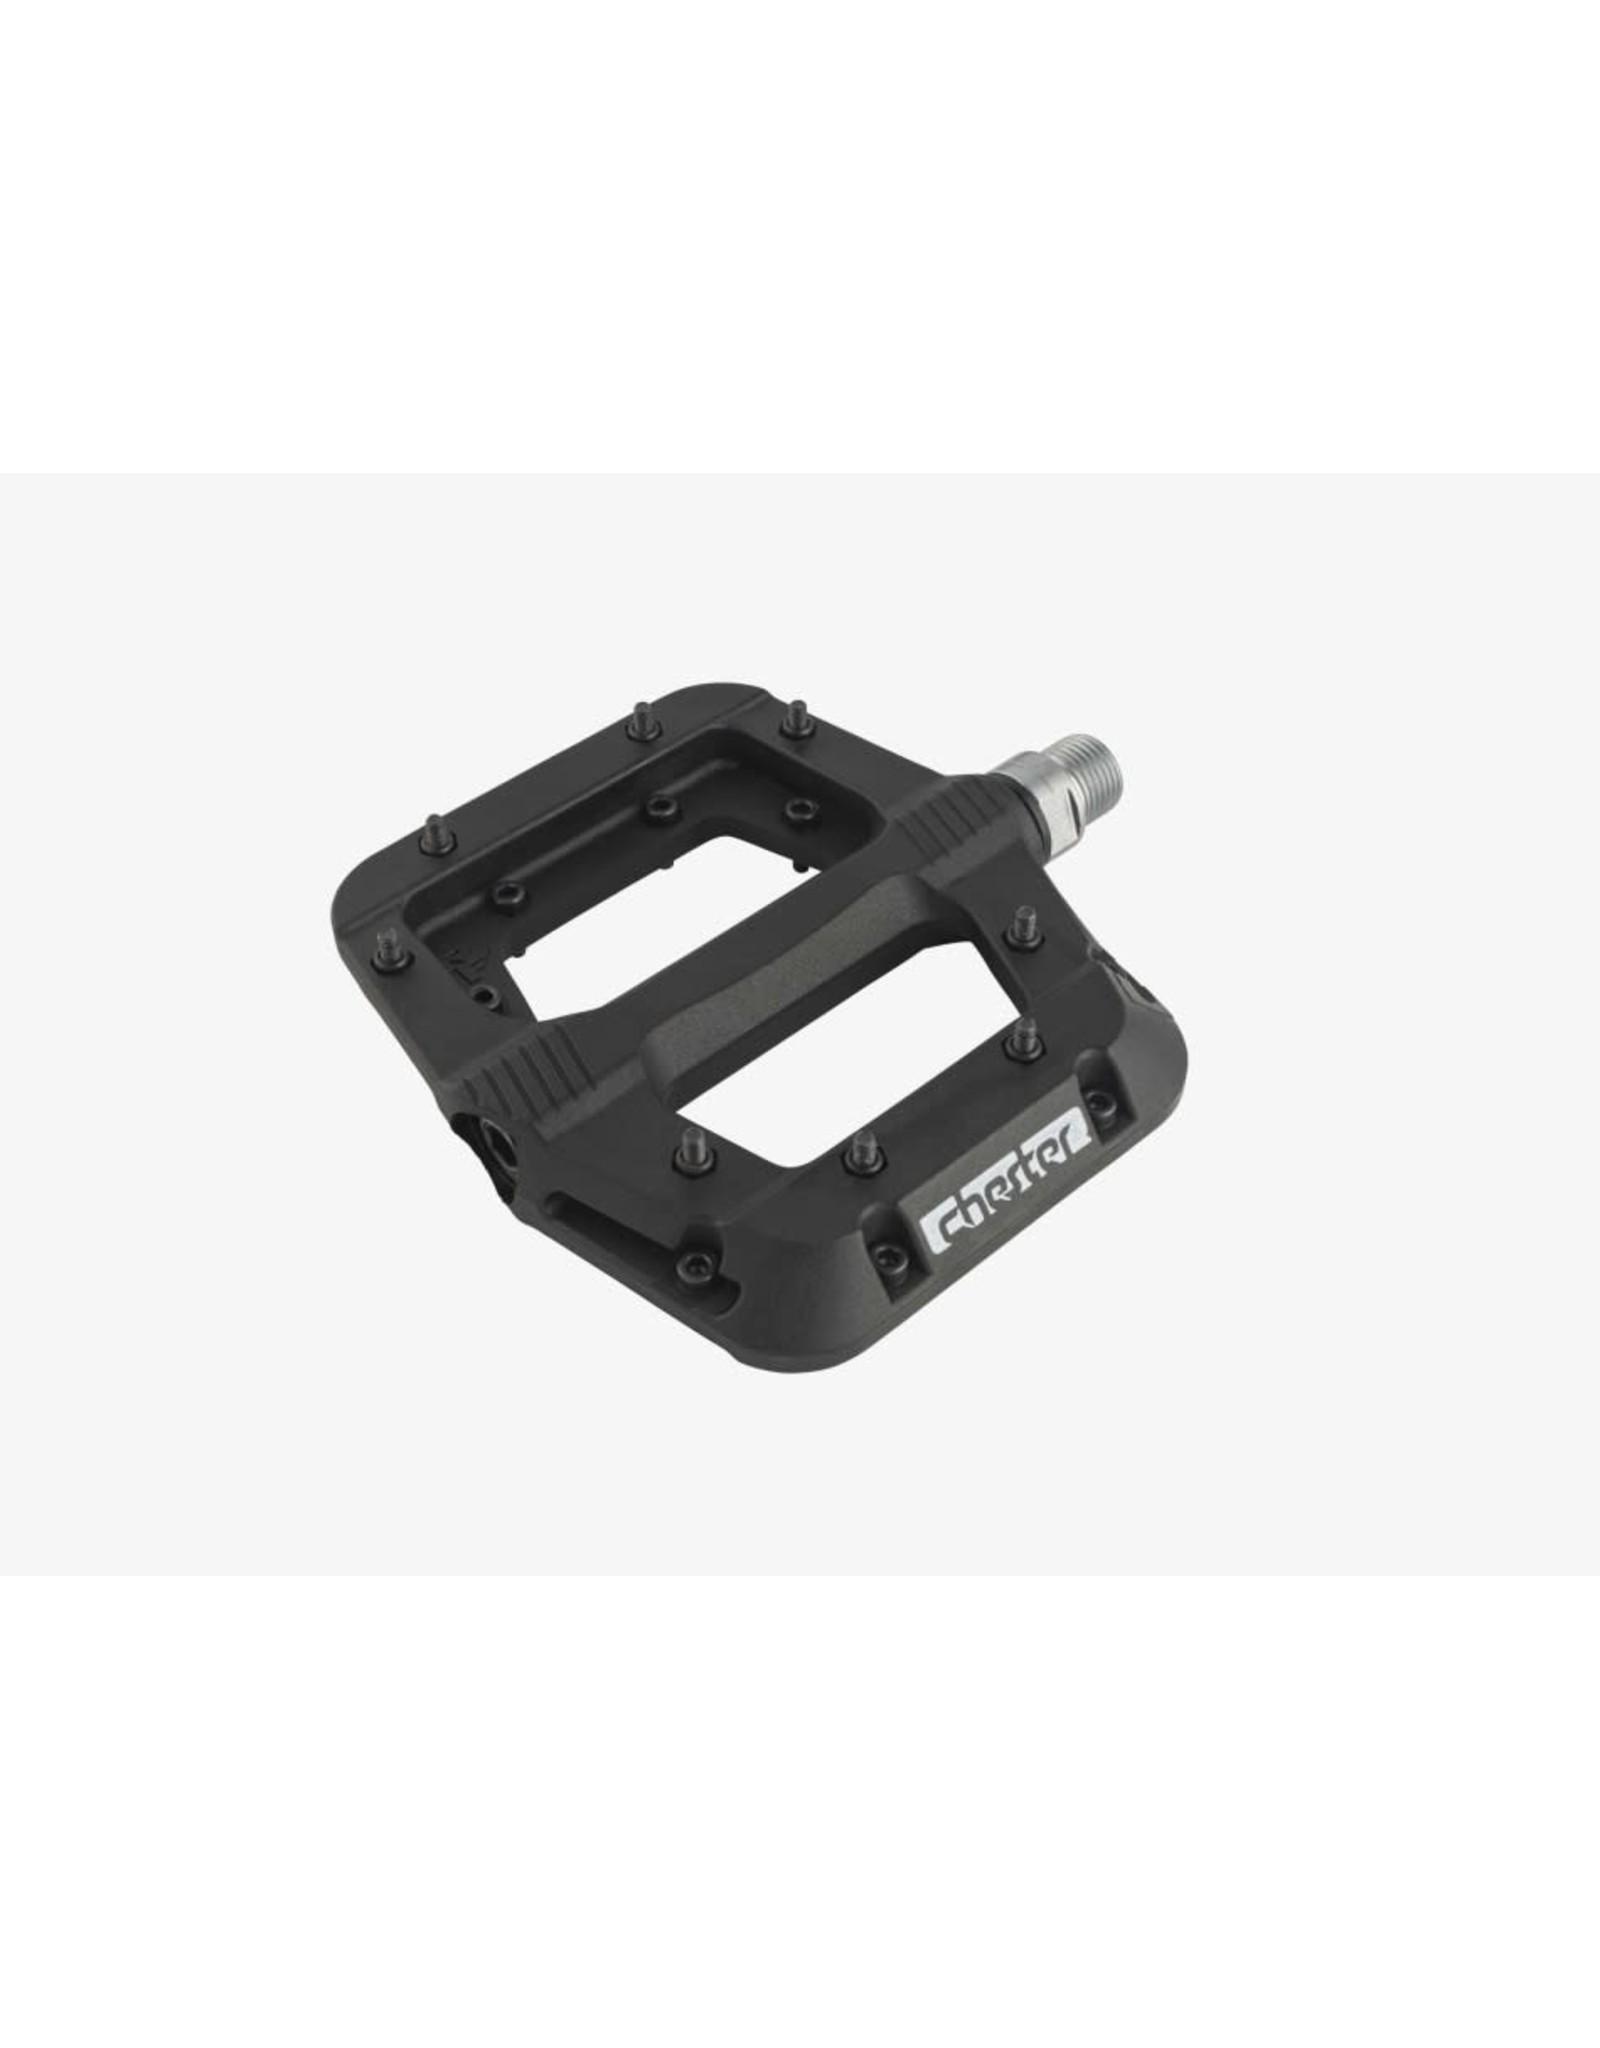 RaceFace Chester Pedals - Platform, Composite,  Black